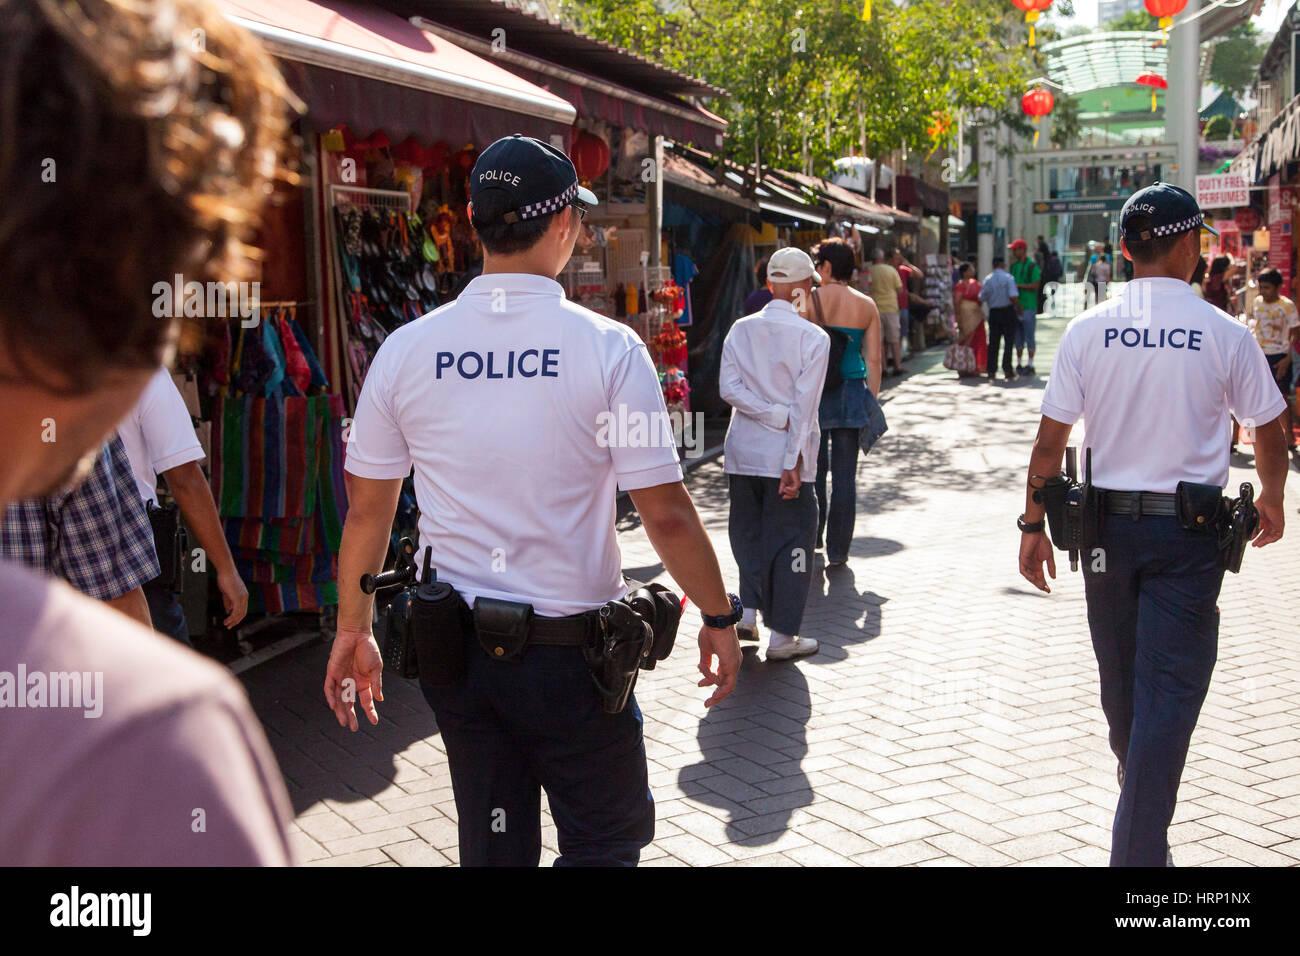 Polizei, Polizei-Präsenz in Chinatown, Polizei März Pagoda Street, Chinatown, Singapur, SE4, Chinatown, Stockbild